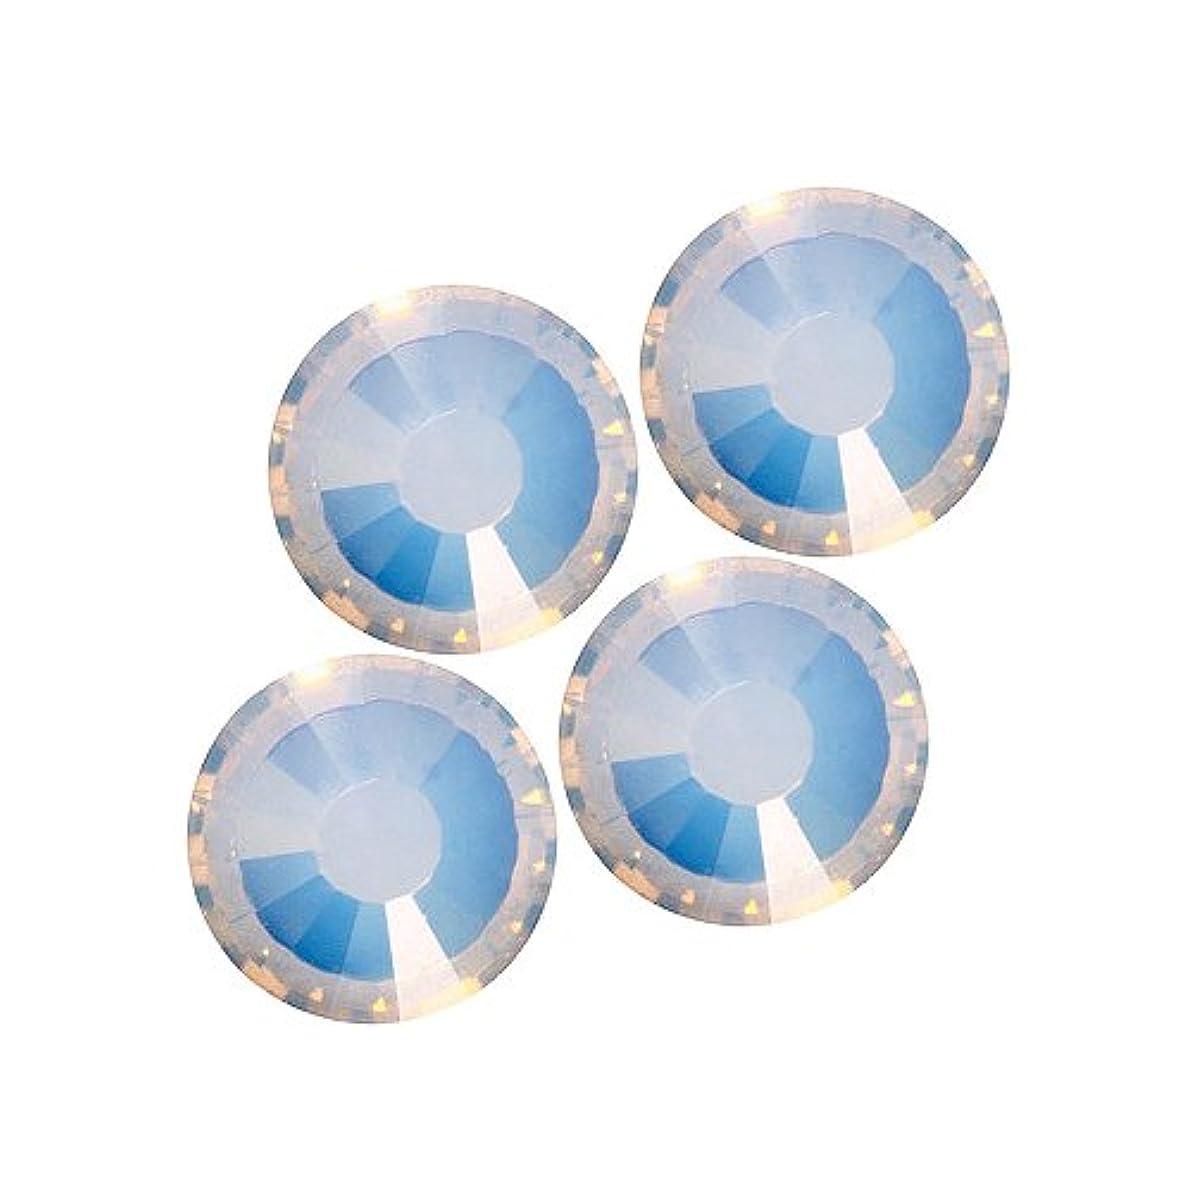 幻影雑品ローストバイナル DIAMOND RHINESTONE ホワイトオパールSS8 1440粒 ST-SS8-WHO-10G